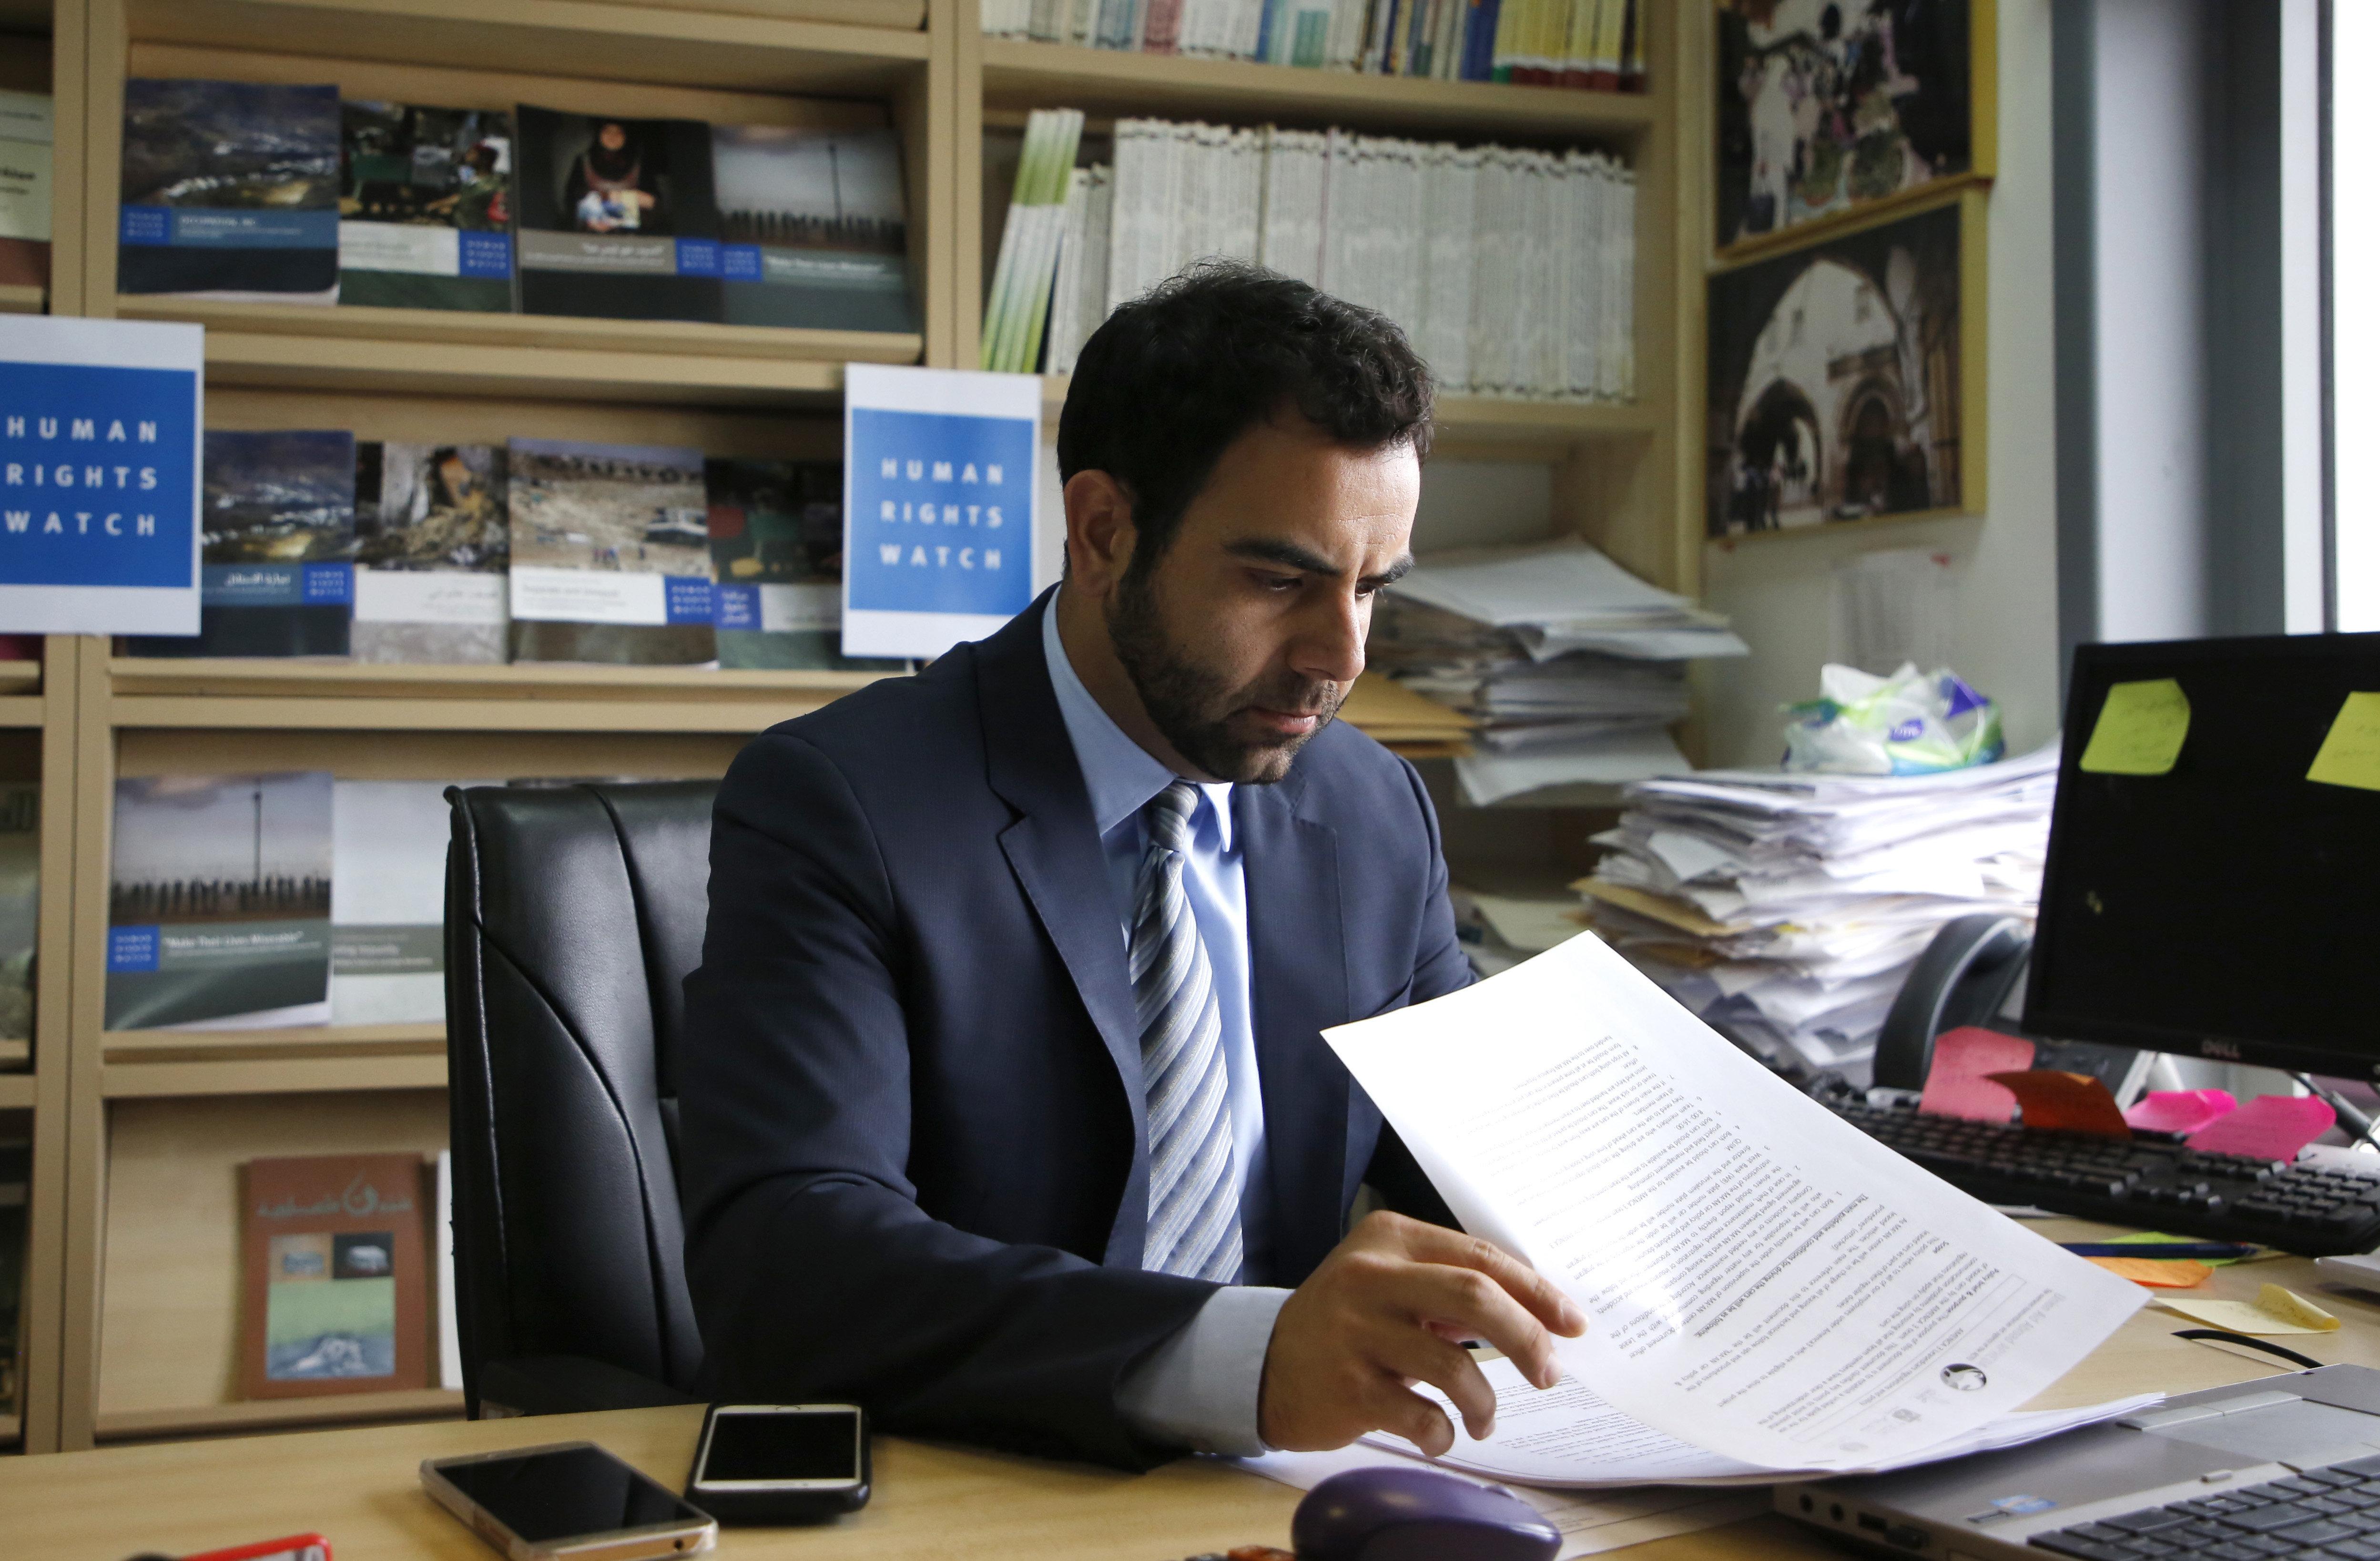 Israël accuse le directeur de HRW de soutenir le BDS et lui donne 14 jours pour quitter le